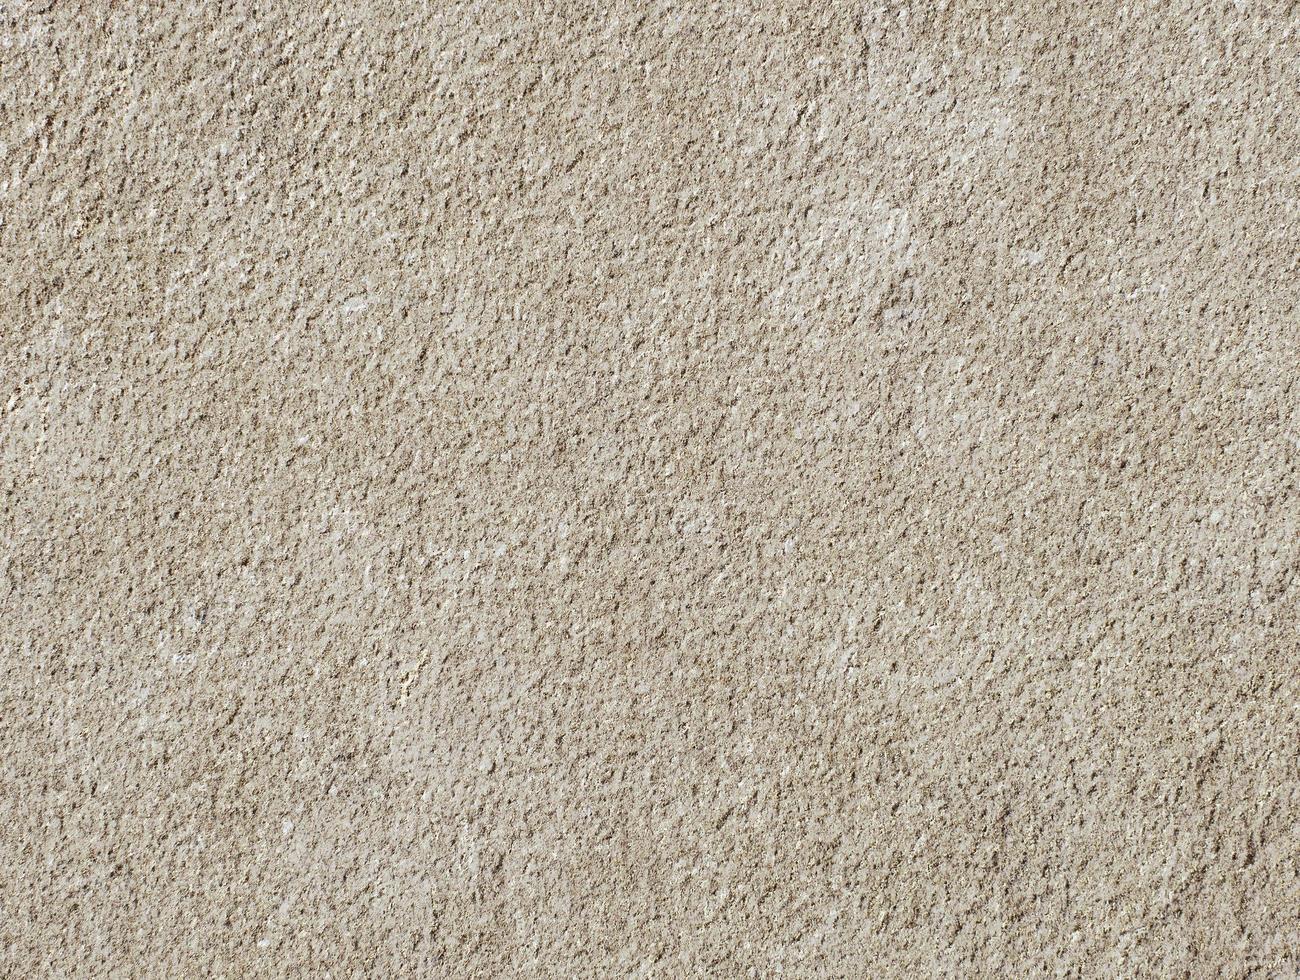 Tan stone texture background photo